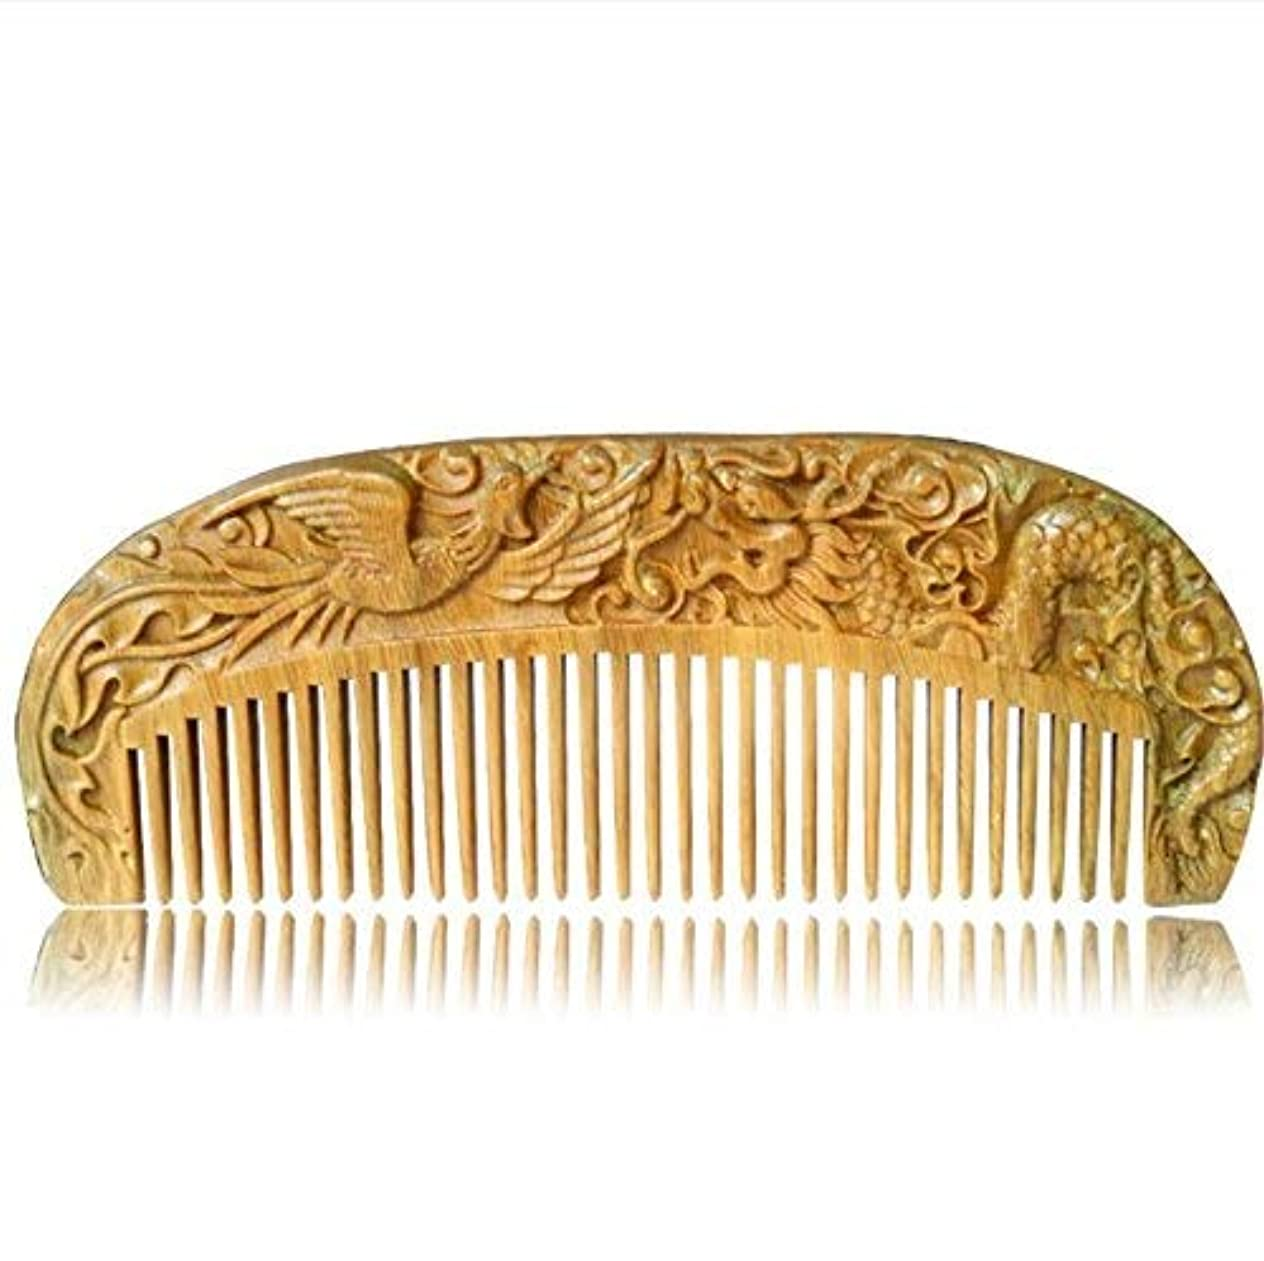 疾患姉妹頼るHandmade Carved Natural Sandalwood Hair Comb - Anti-Static Sandalwood Hair Comb Beard Brush Rake Comb Handmade Engraving Dragon and Phoenix [並行輸入品]